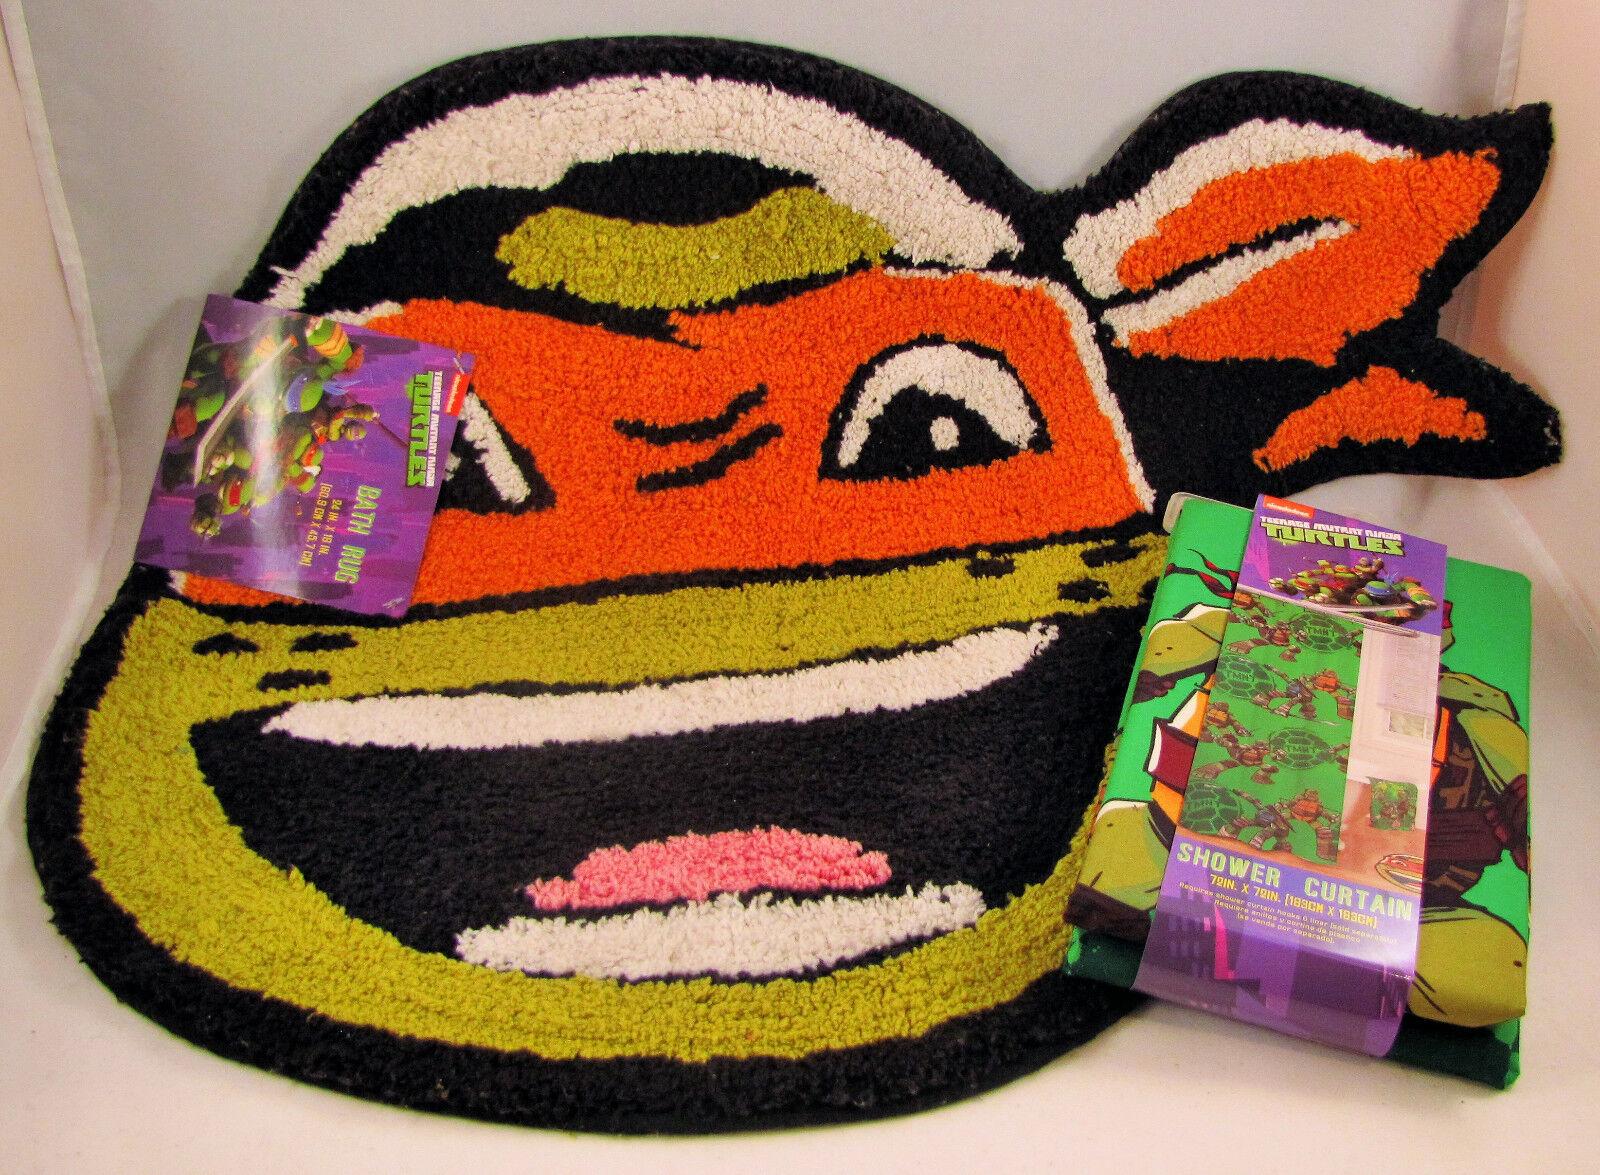 NEW Teenage Mutant Ninja Turtle TMNT Bathroom Set